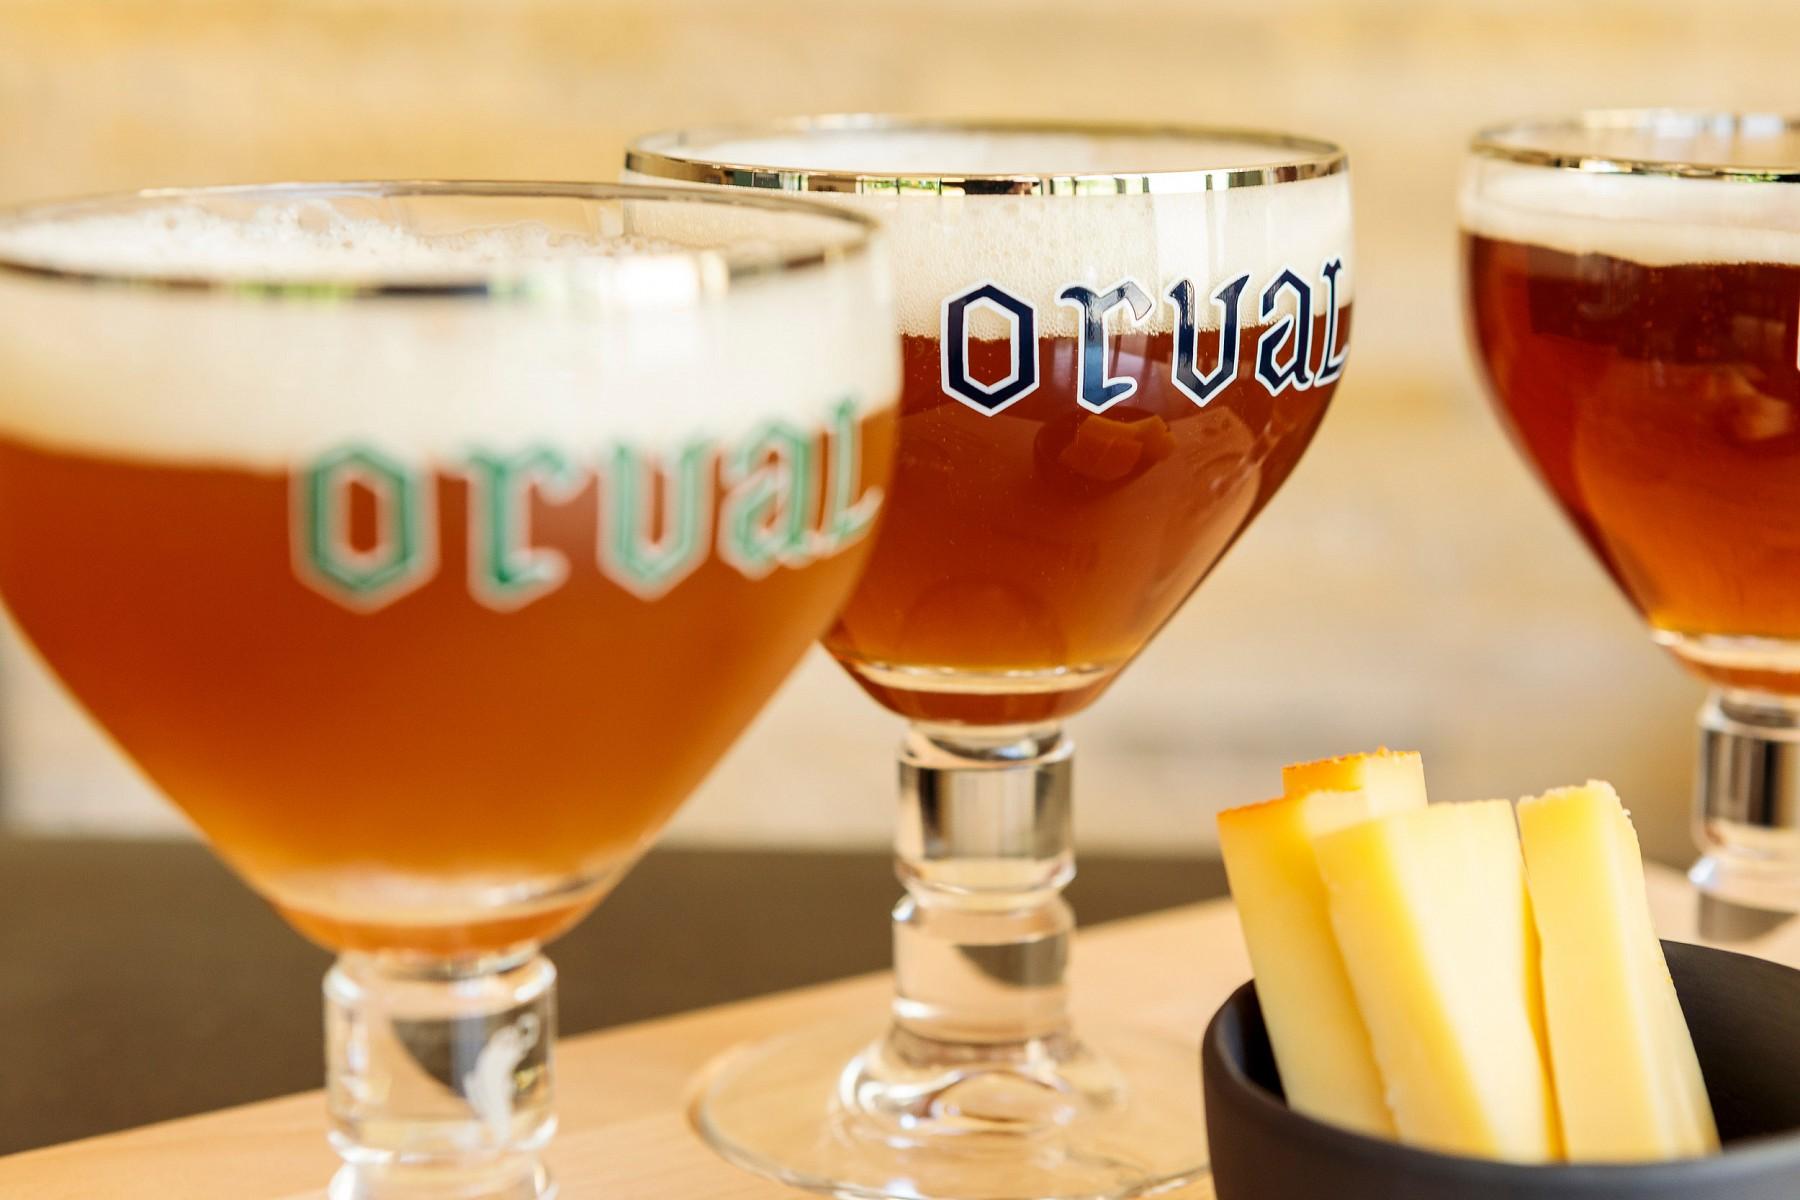 pNeben-dem-Orval-der-Zisterziensermoumlnche-gibt-es-in-der-Wallonie-zwei-weitere-Trappistenabteien-mit-eigenem-Bier-ndash-Chimay-und-Rochefort-Zusammen-mit-vielen-juumlngeren-und-kleineren-Brauereien-zaumlhlt-die-belgische-Bierkultur-seit-2016-zum-immateriellen-UNESCO-Weltkulturerbe-copy-WBT-Daniel-Elkep